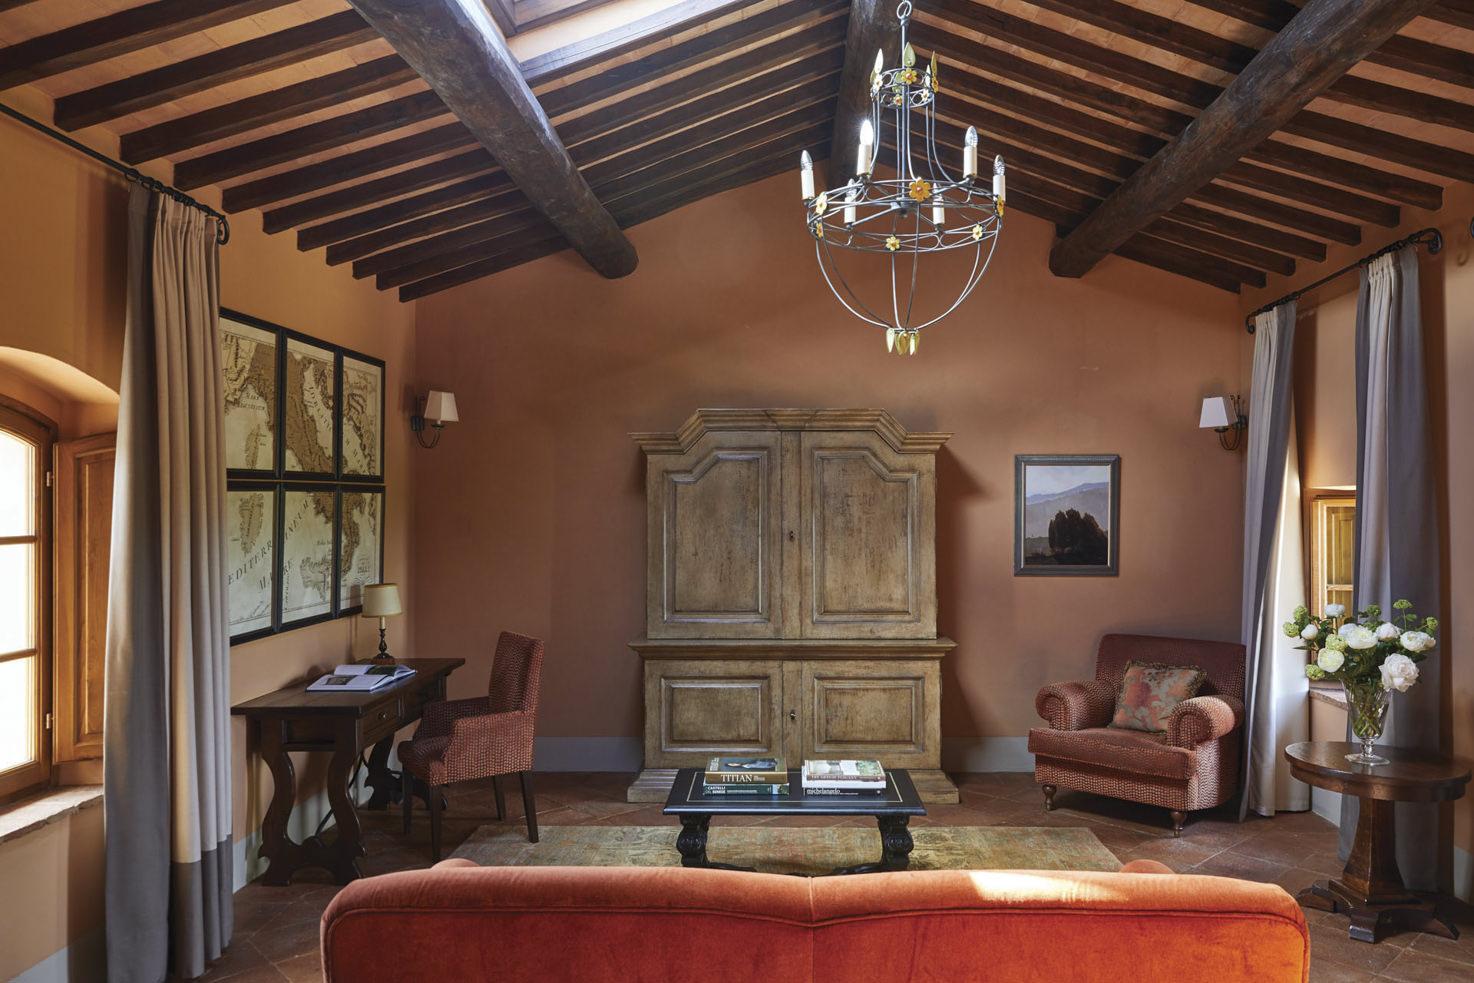 Accommodation at Castello di Casole